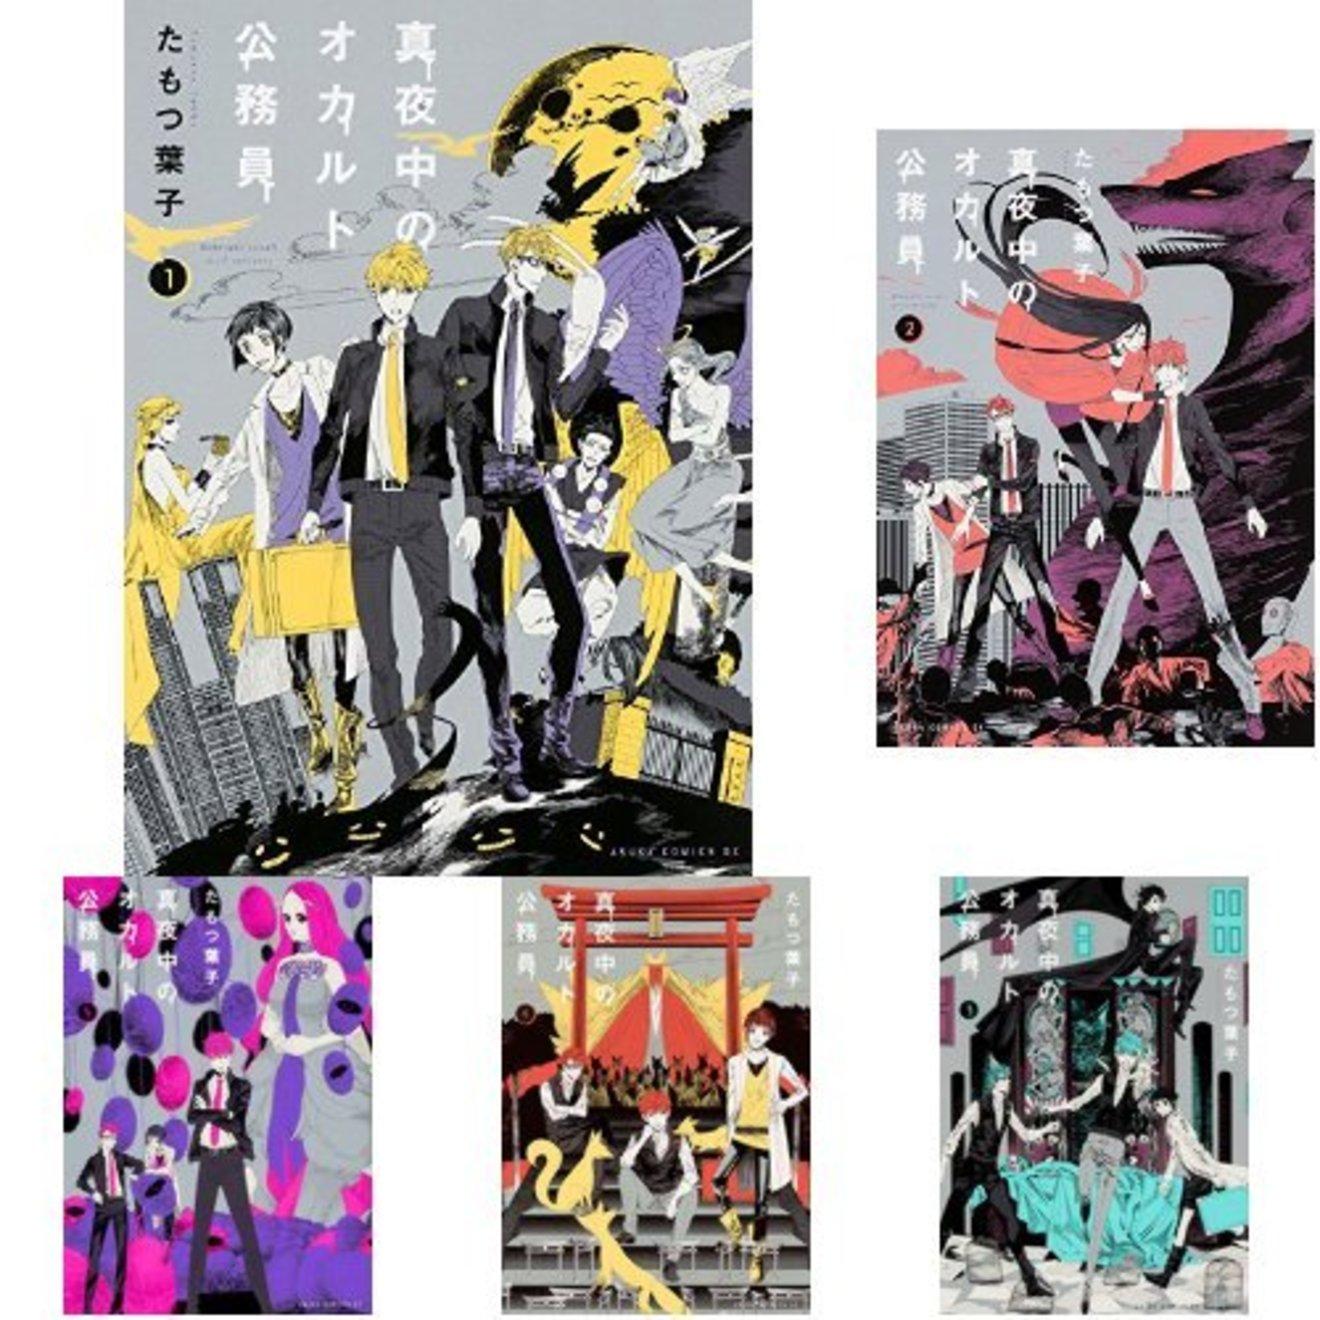 漫画『真夜中のオカルト公務員』の見所を全巻ネタバレ紹介!8巻も面白い!